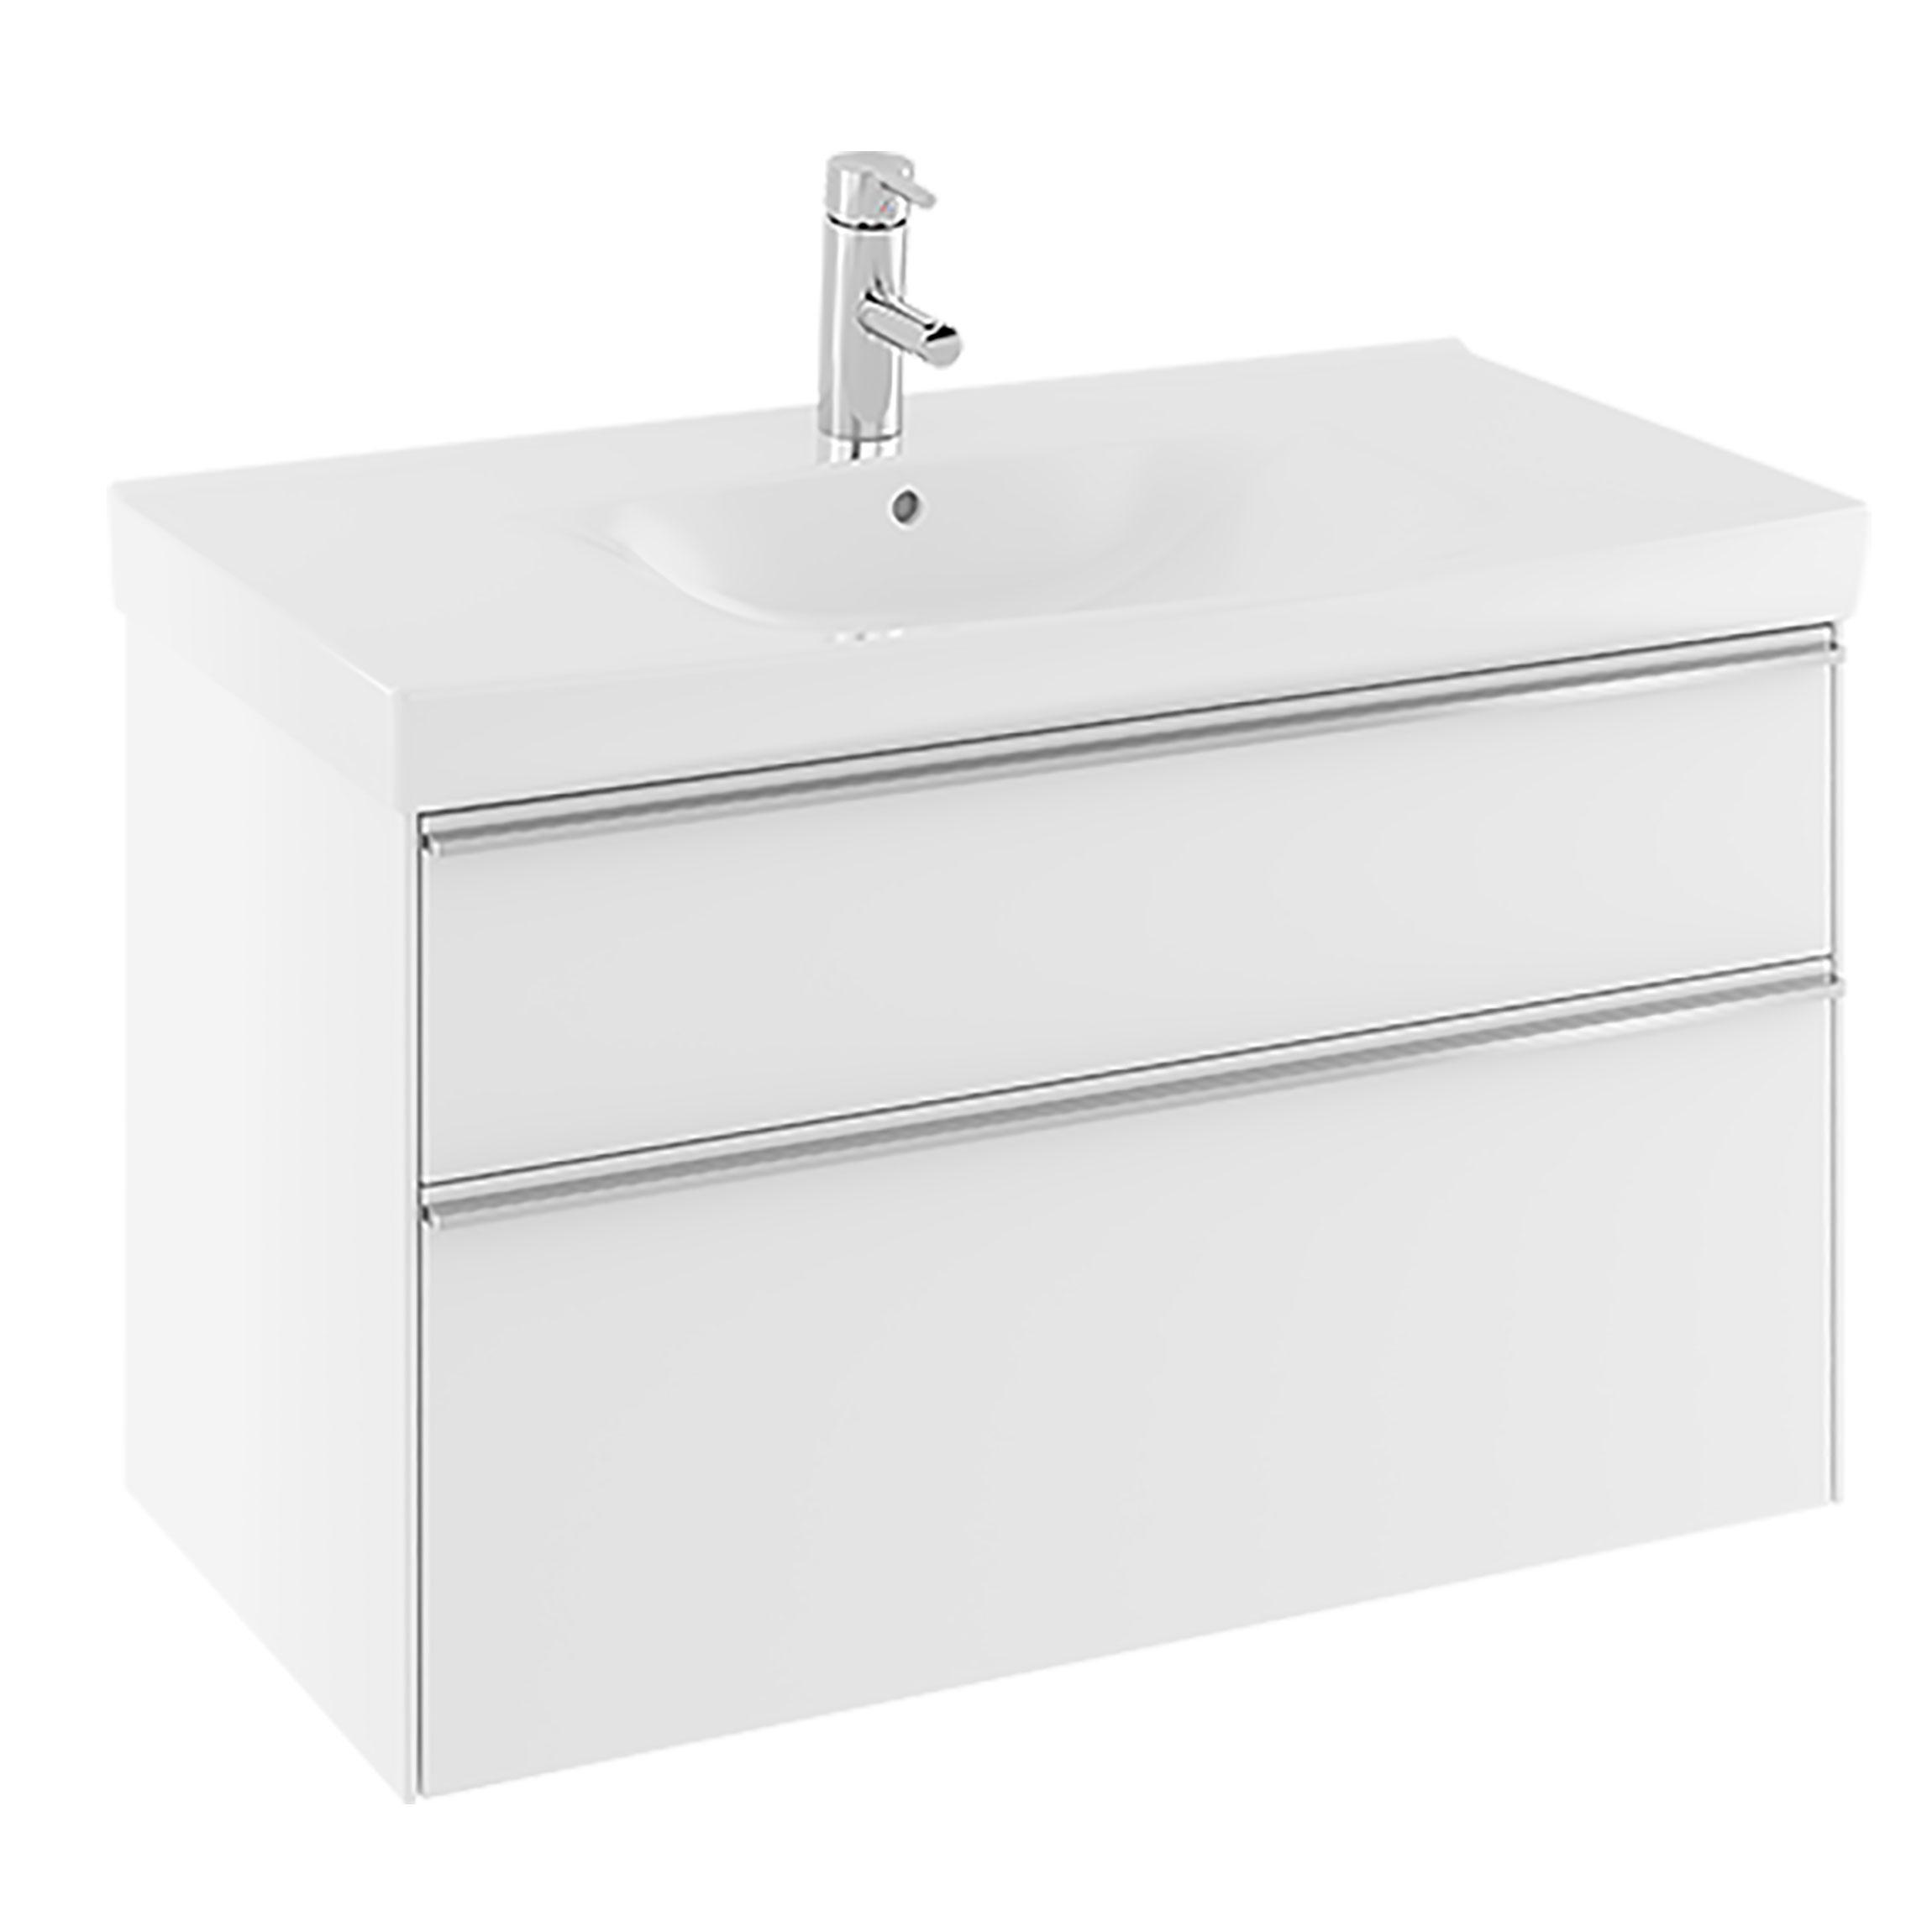 Tvättställsskåp Ifö Sense 90 2 Lådor